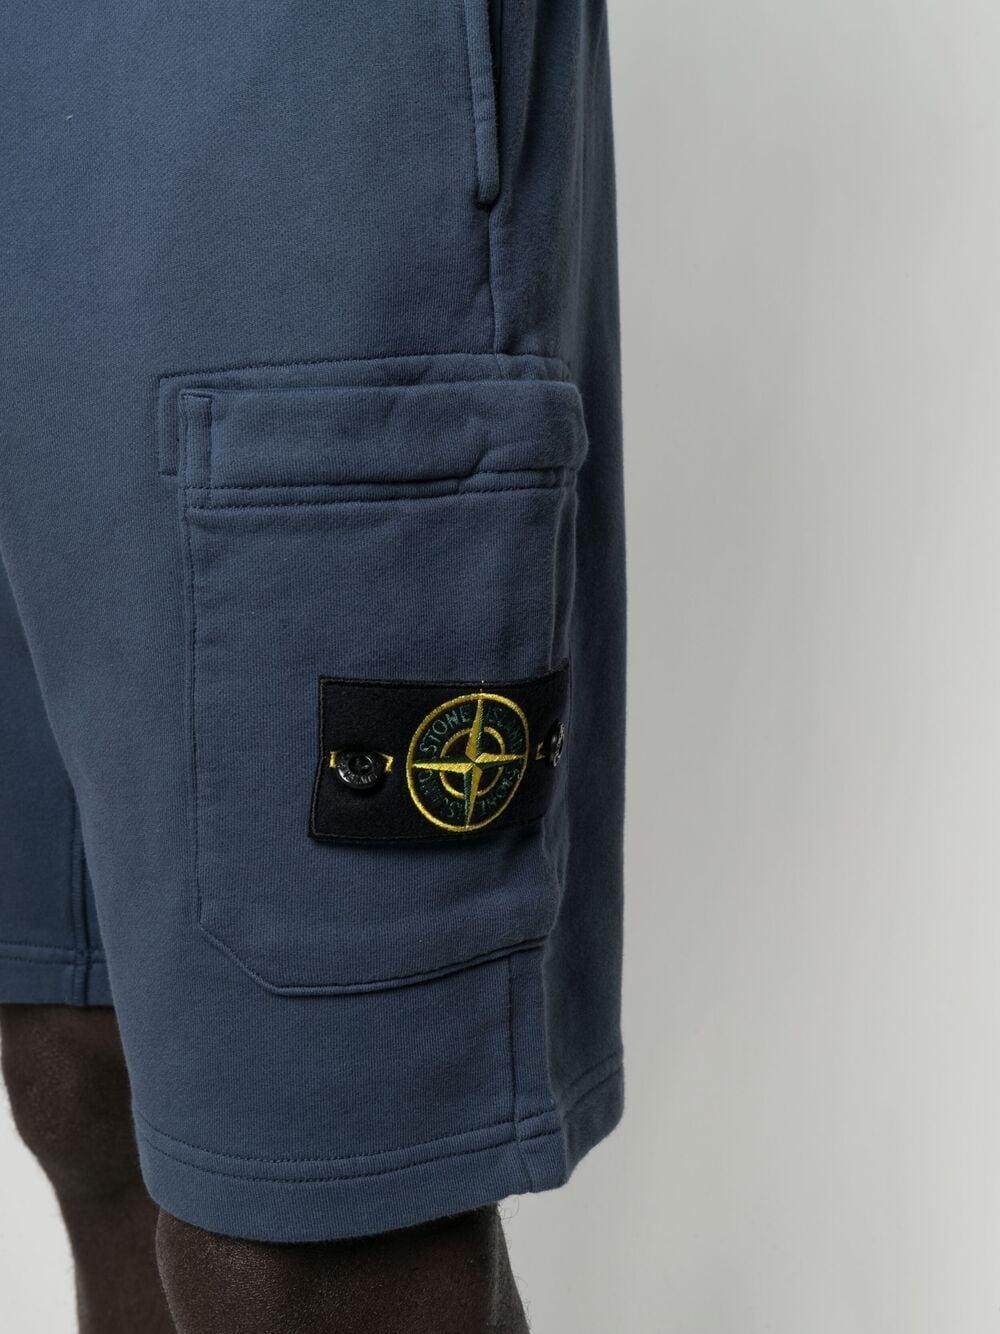 Pantaloncini tuta in cotone di cotone blu con logo Stone Island sul lato STONE ISLAND | Bermuda | 741564651V0024